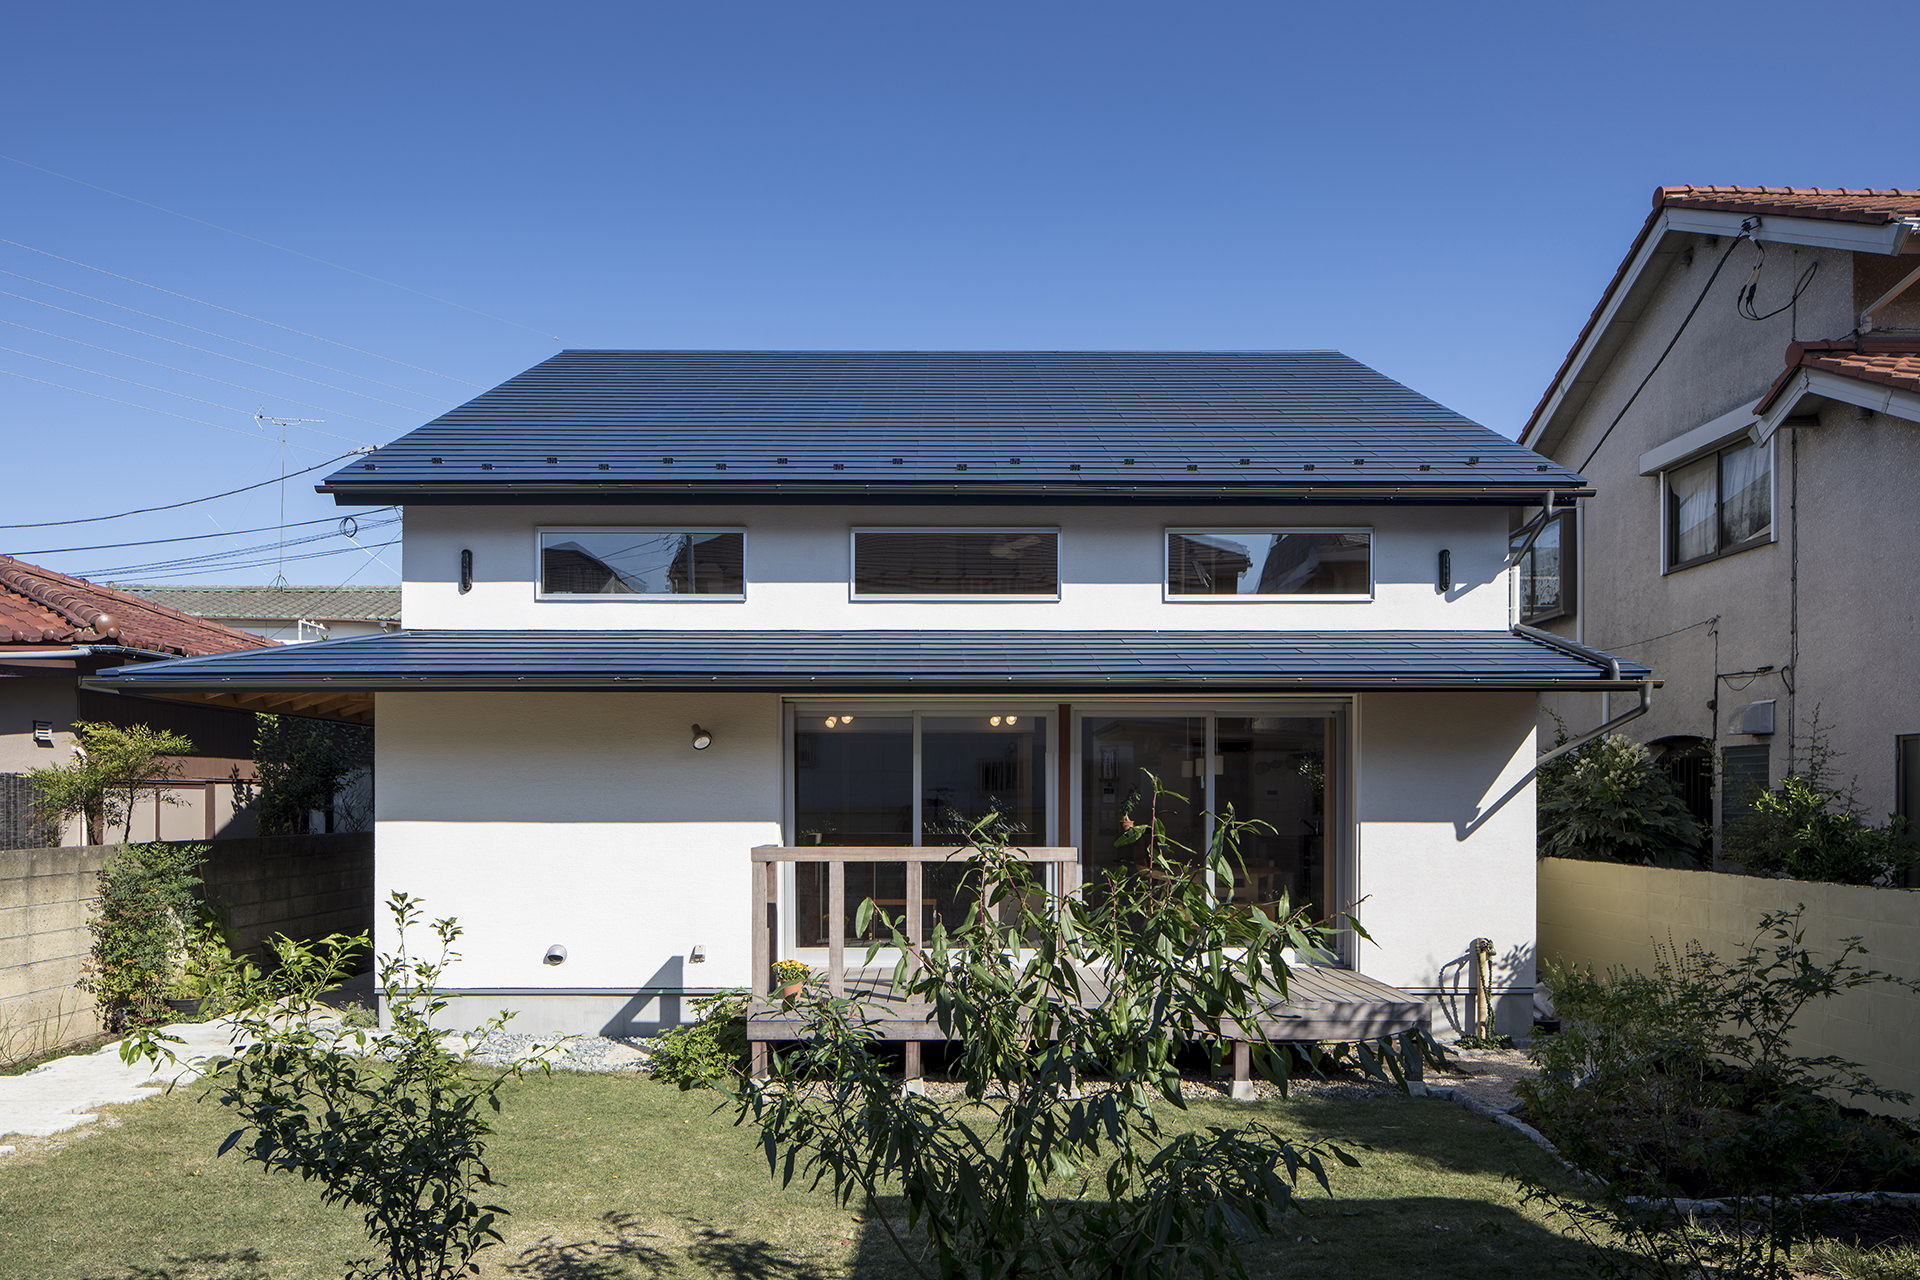 家族を結びつける大屋根の家 イメージ1 撮影:東涌写真事務所・東涌宏和